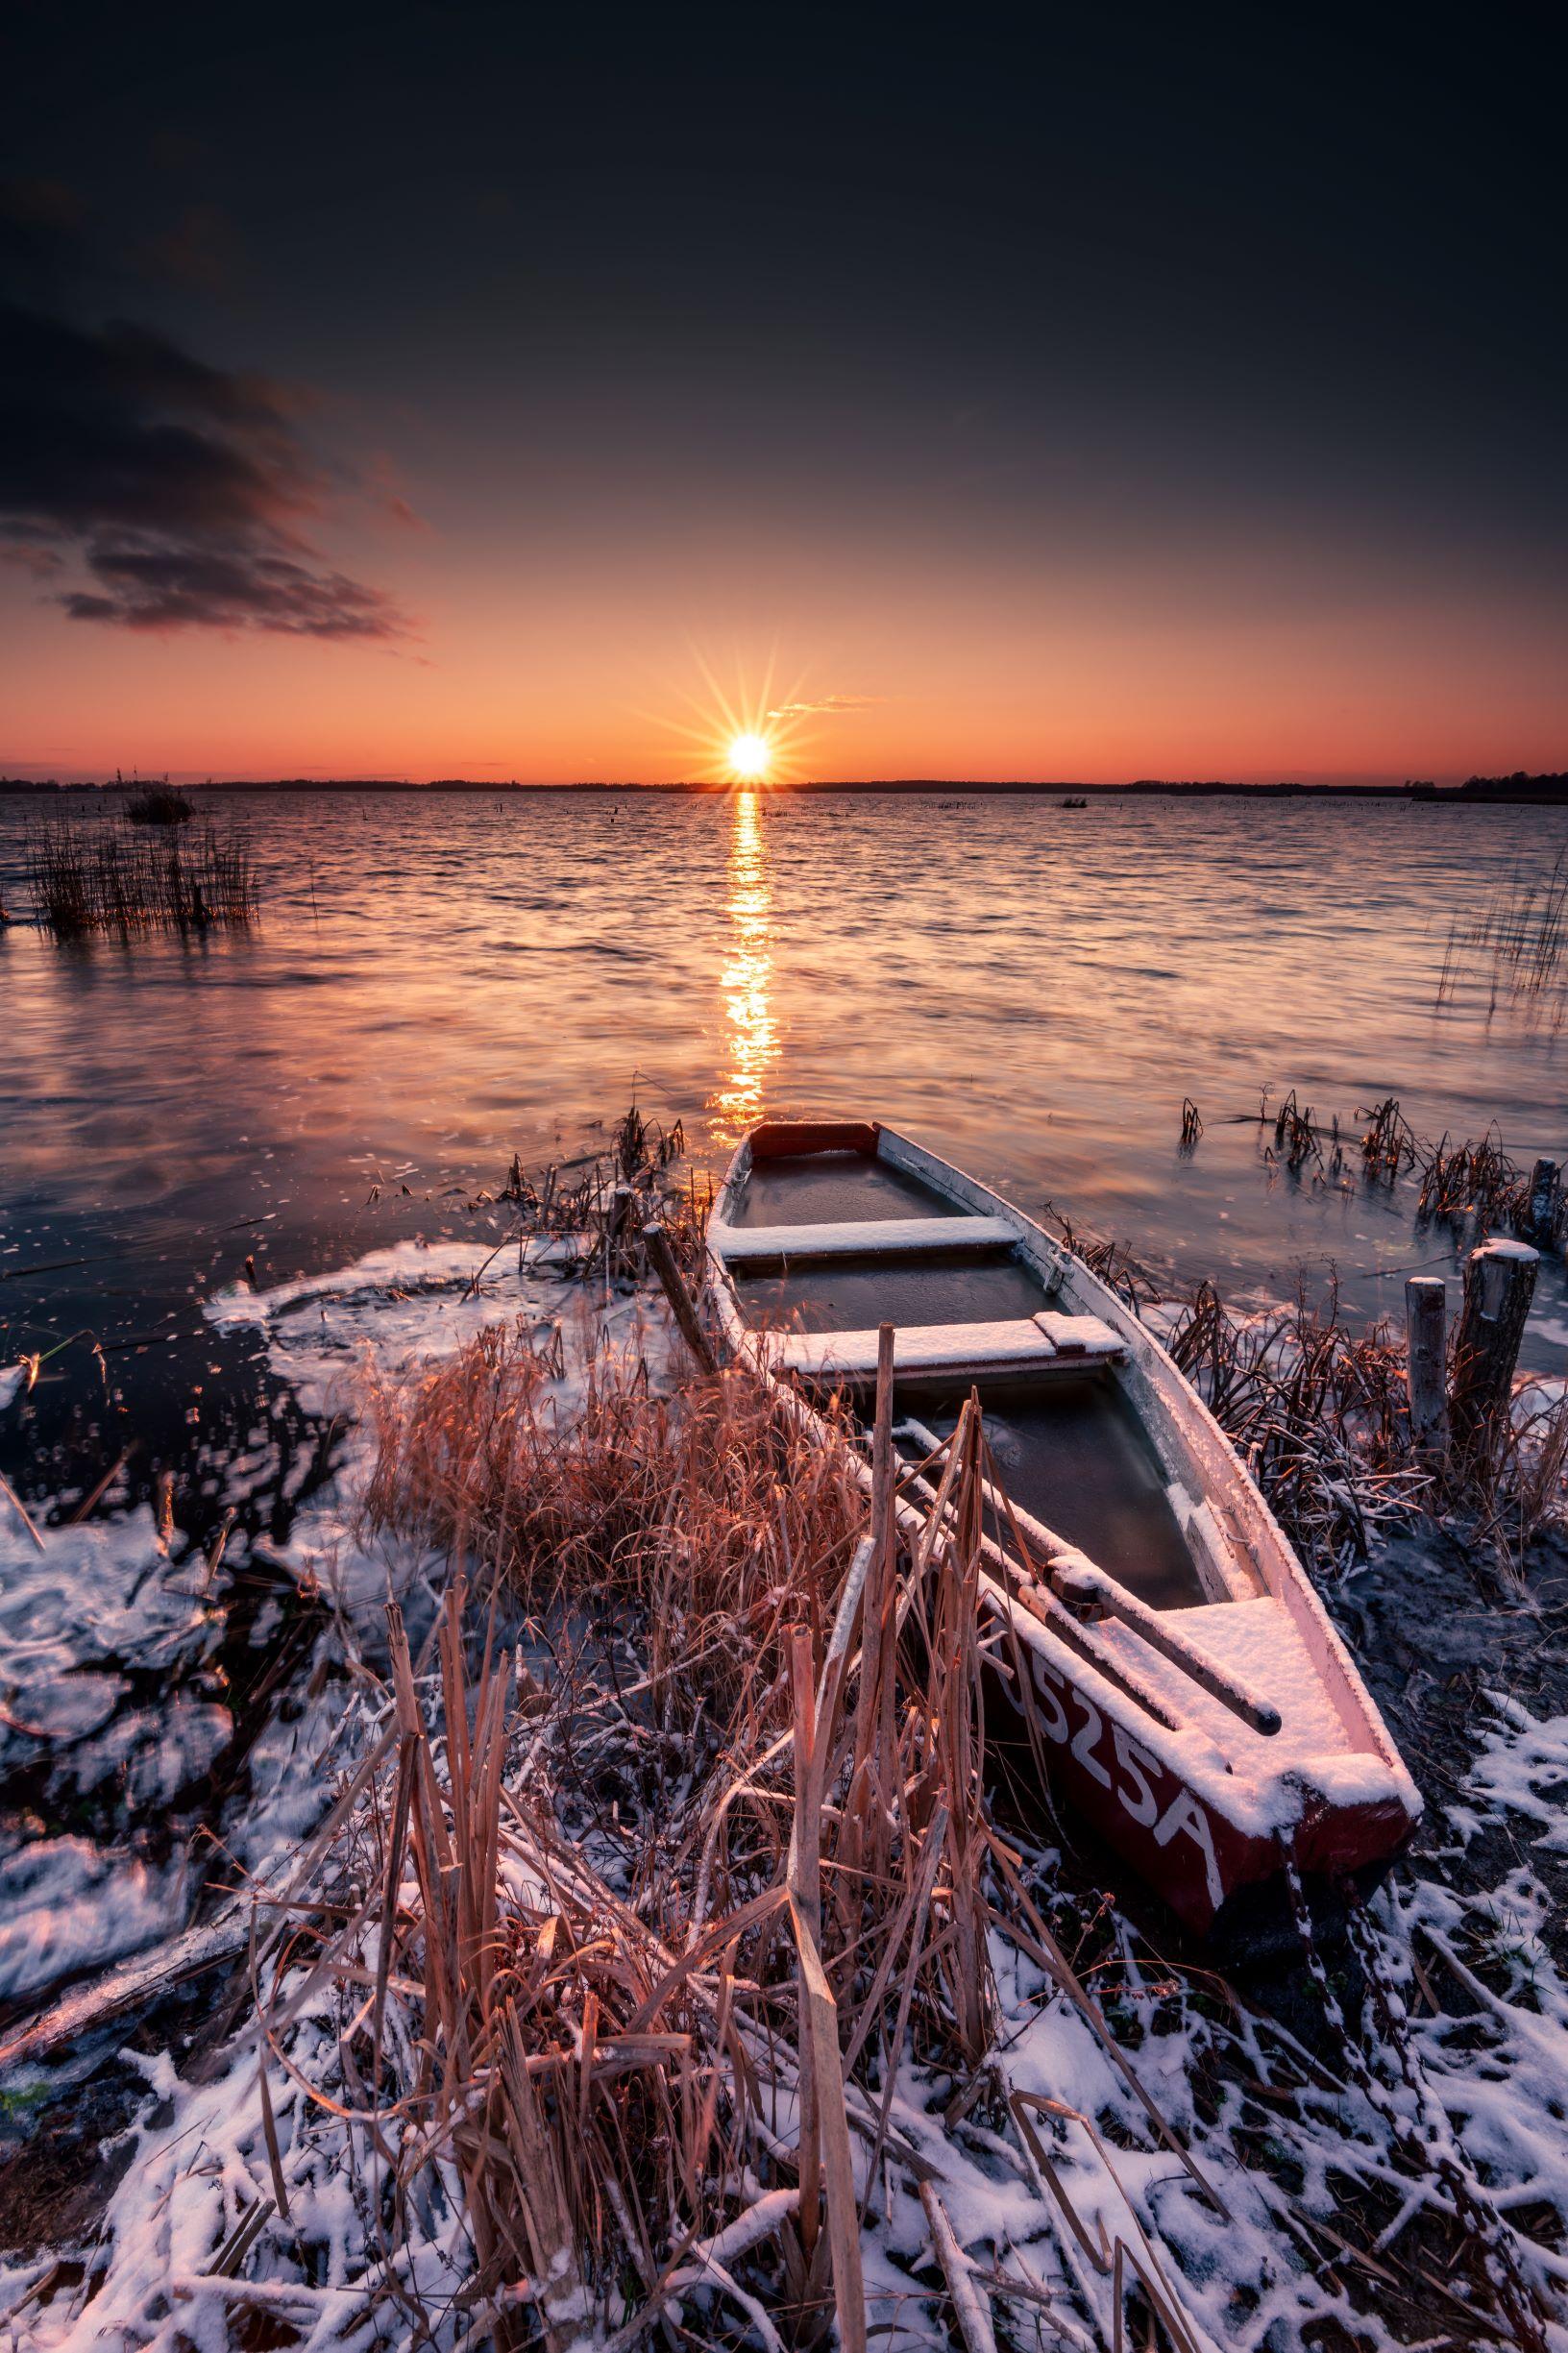 Zdjęcie przedstawia na pierwszym planie drewnianą łódkę przycumowaną do ośnieżonego brzegu jeziora. W tle widać zachodzące nad jeziorem słońce, a na samej górze granatowe, ciemne niebo.